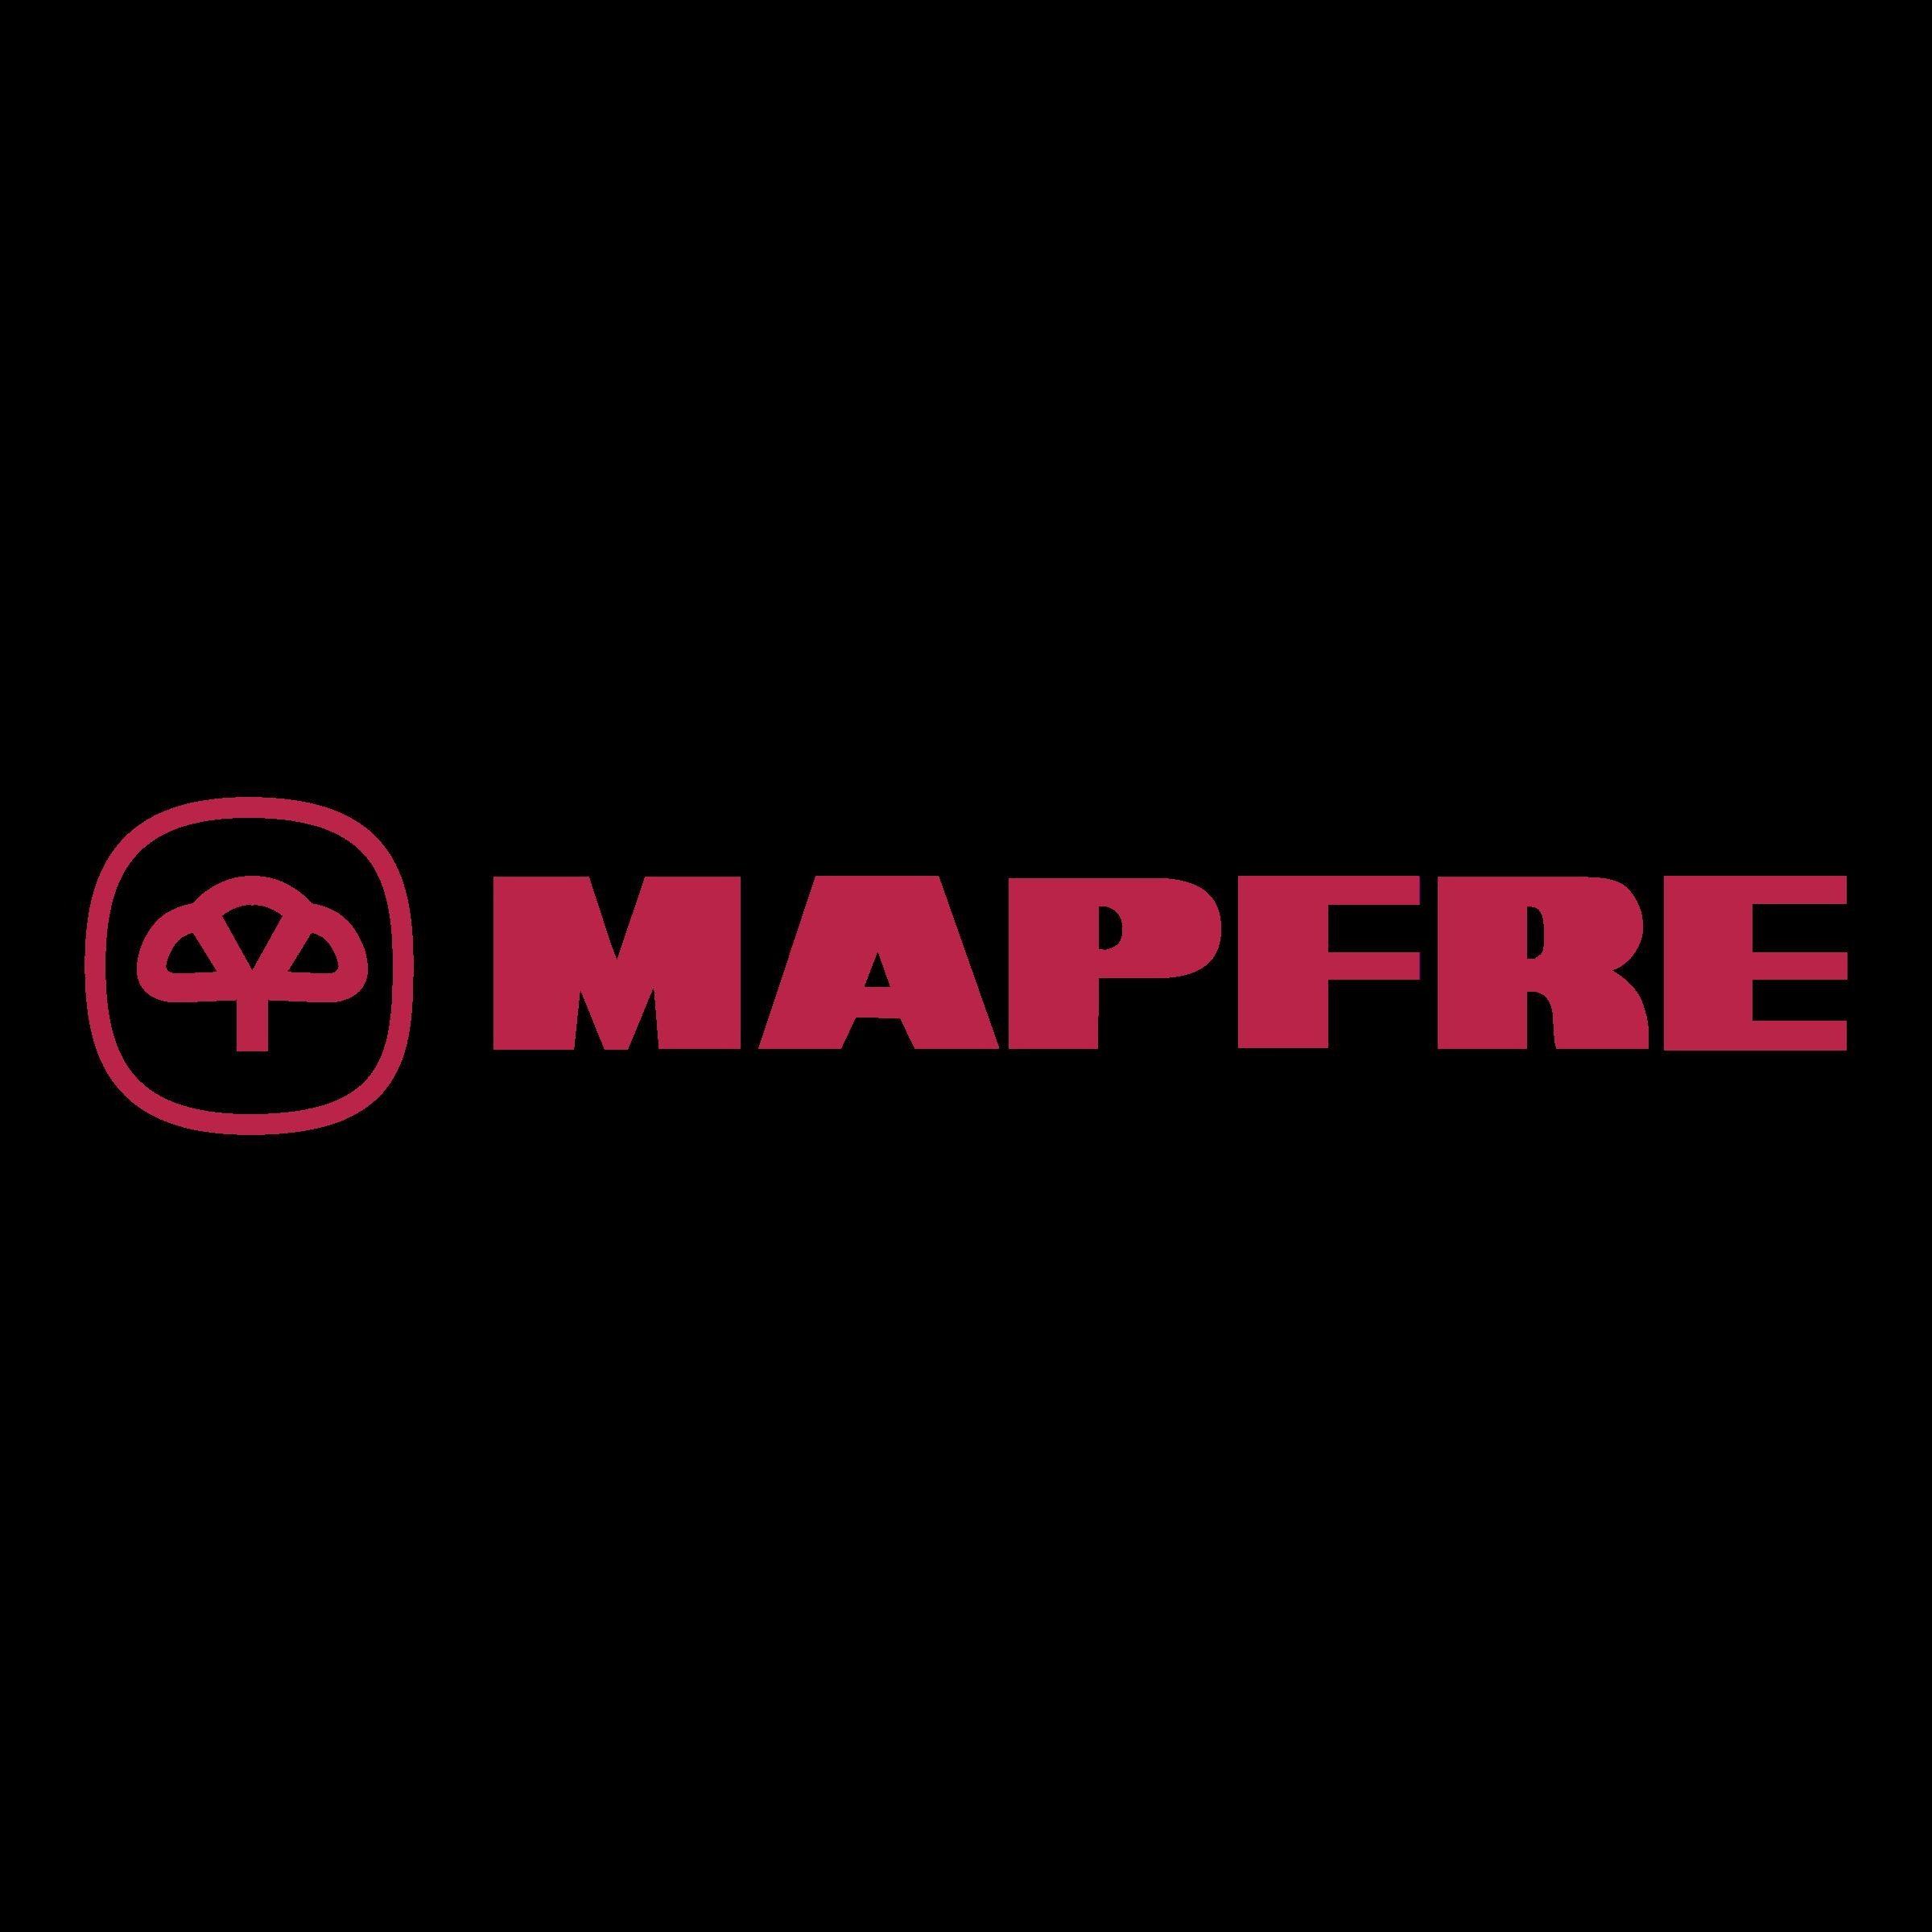 Mapfre Logo PNG Transparent & SVG Vector.